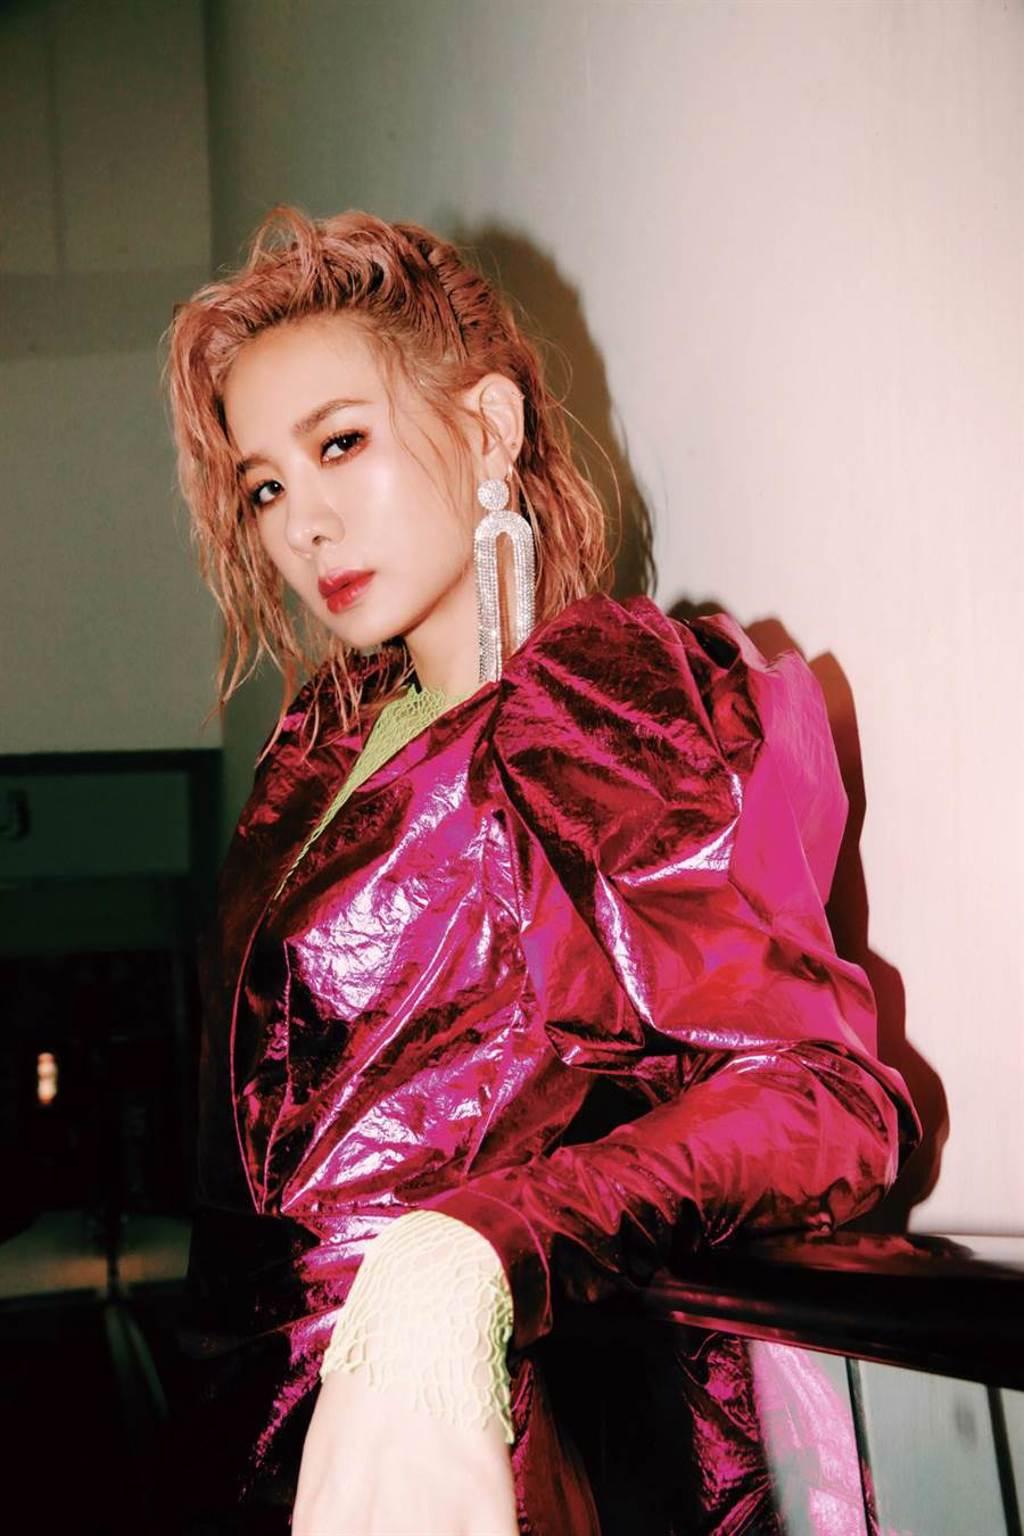 安心亞推出新專輯《愛得起》。(環球音樂提供)